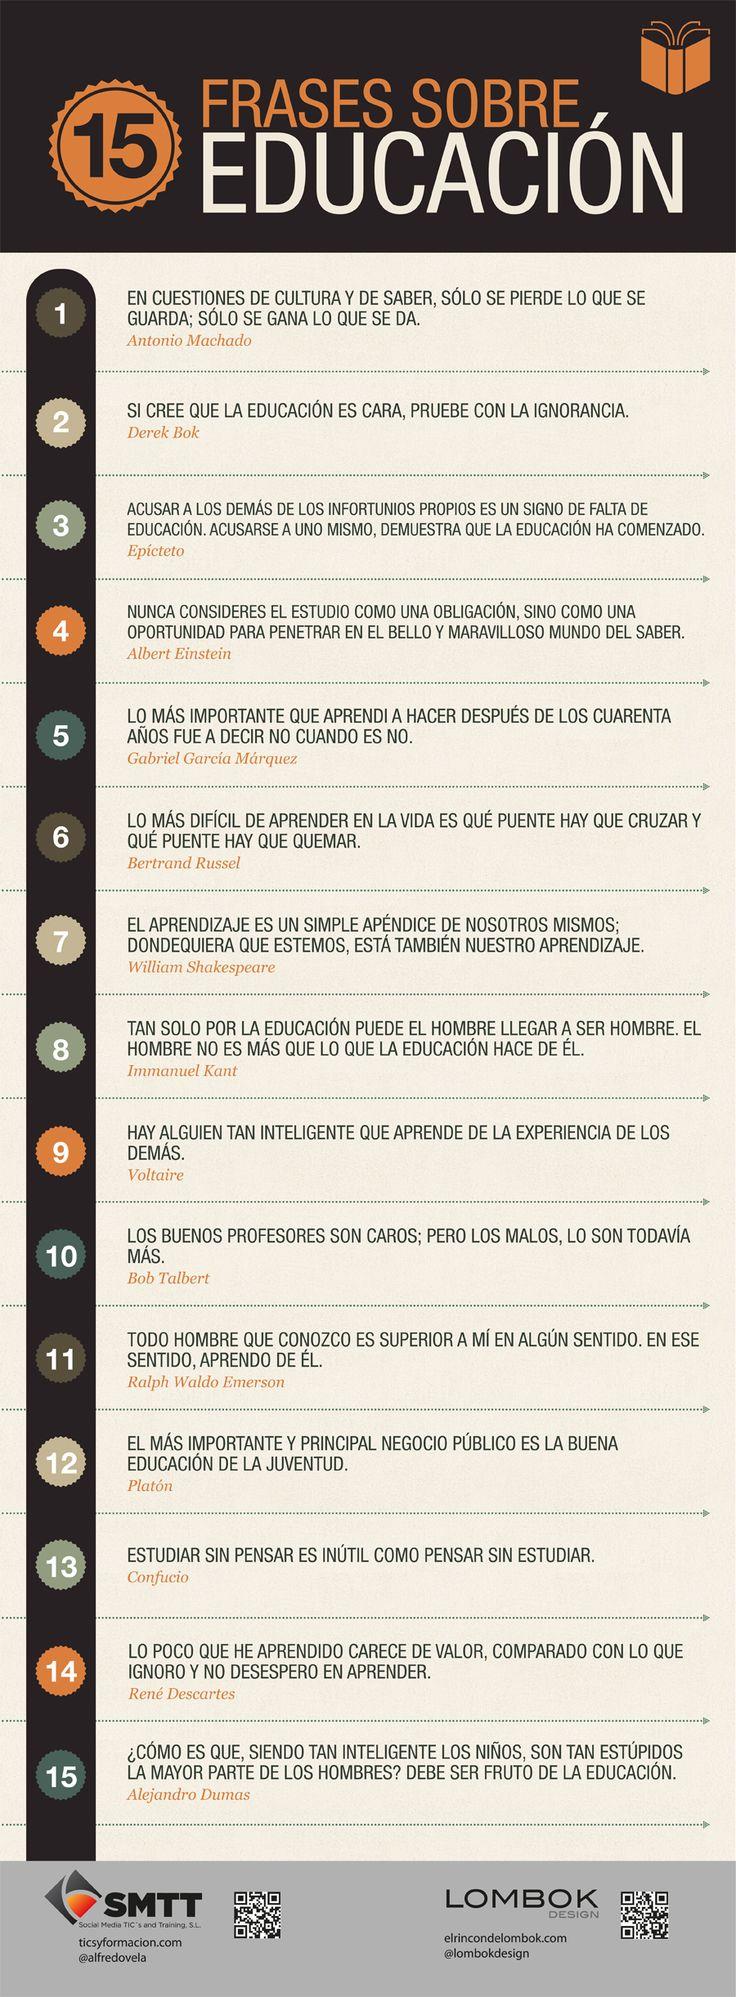 15 frases sobre educación para pensar #infografia #infographic #citas